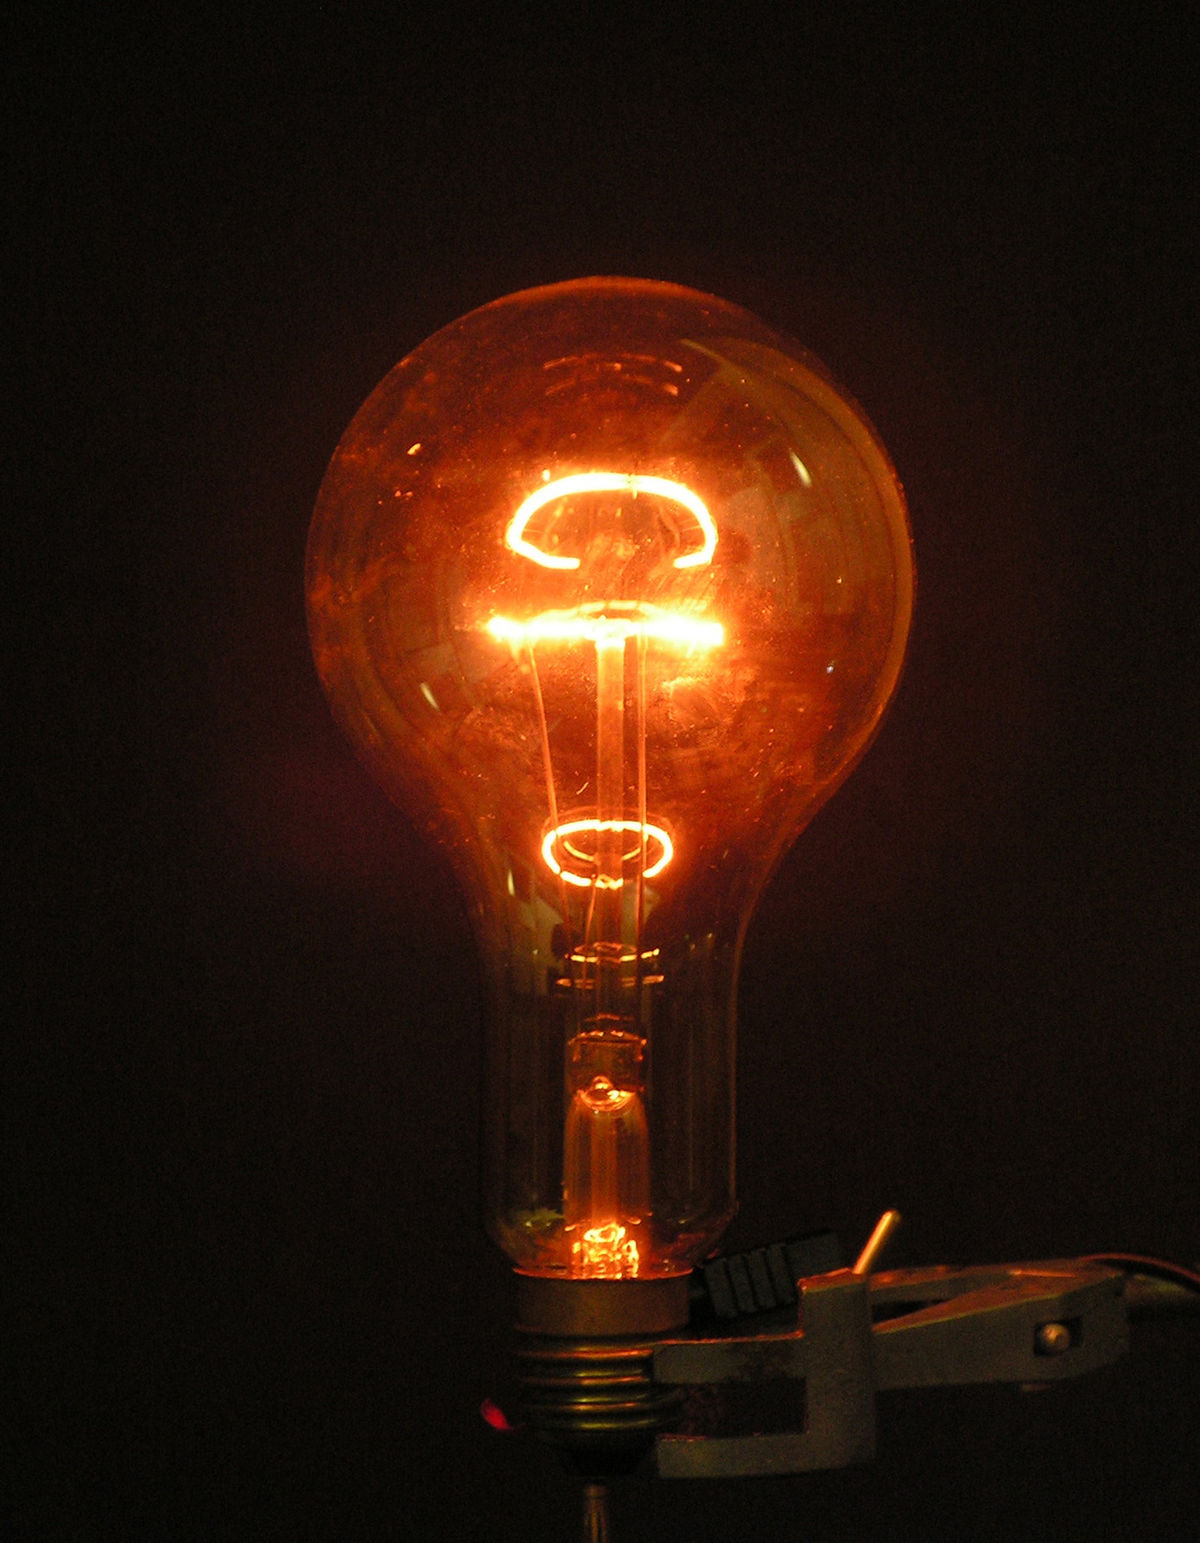 Lampe lectrique wikip dia - Historique des lampes ...